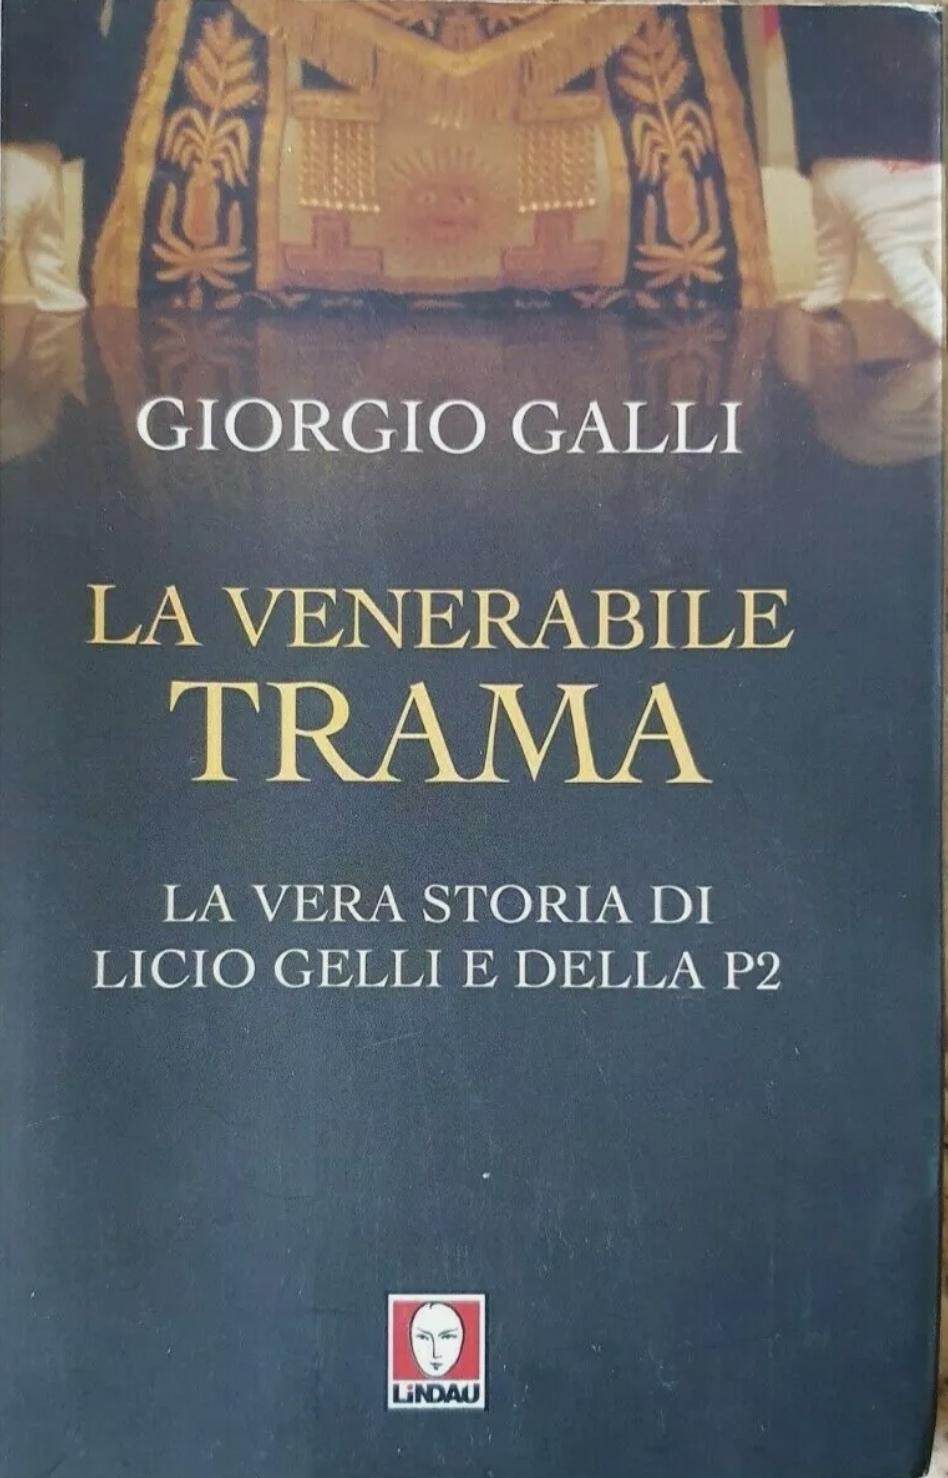 La Venerabile Trama di Giorgio Galli: Autografo Olografo di Licio Gelli;